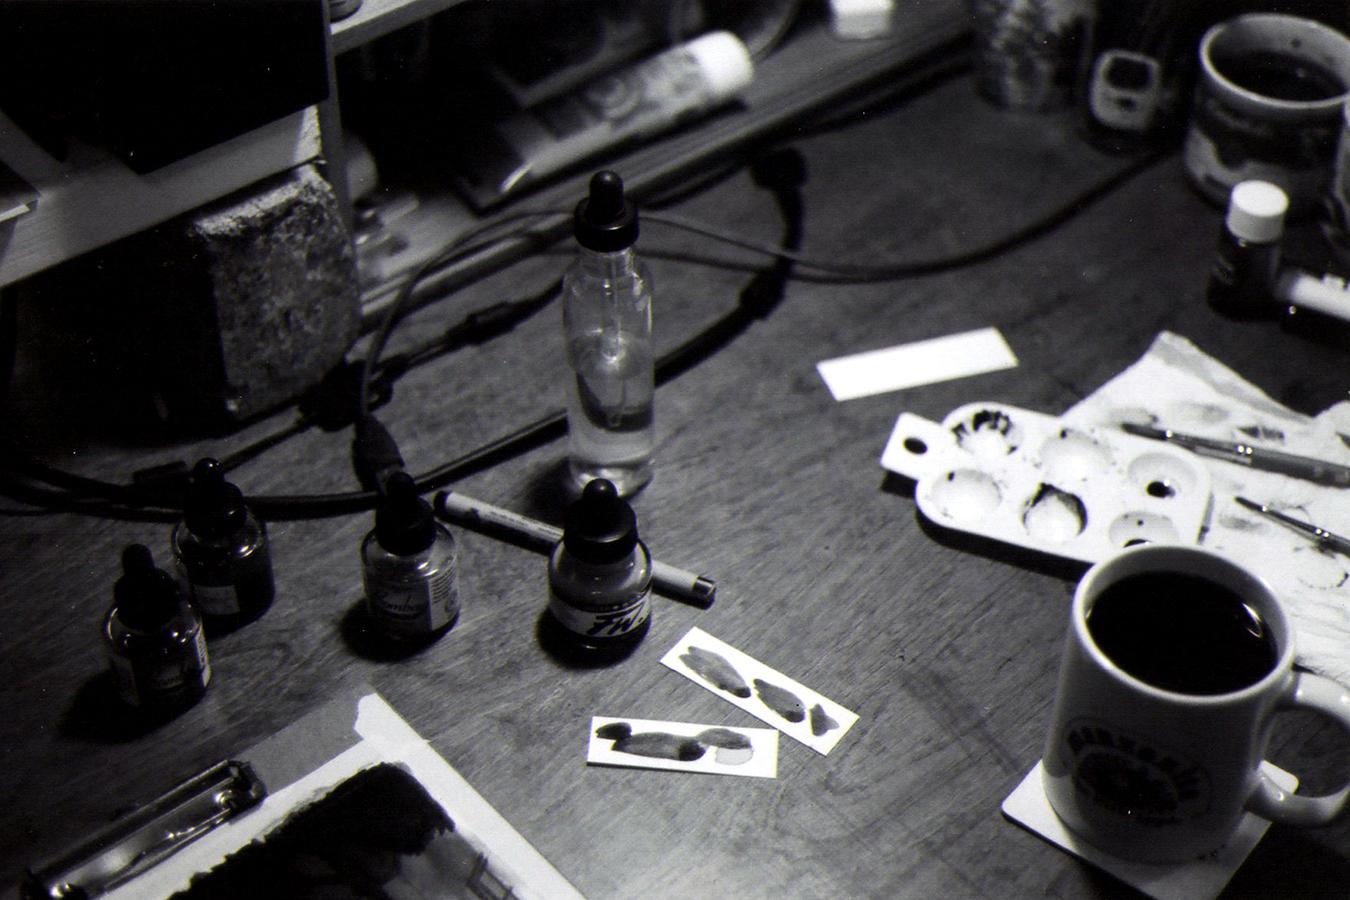 desk2-hancockstudio_07.2019_mattschu_smaller.jpg